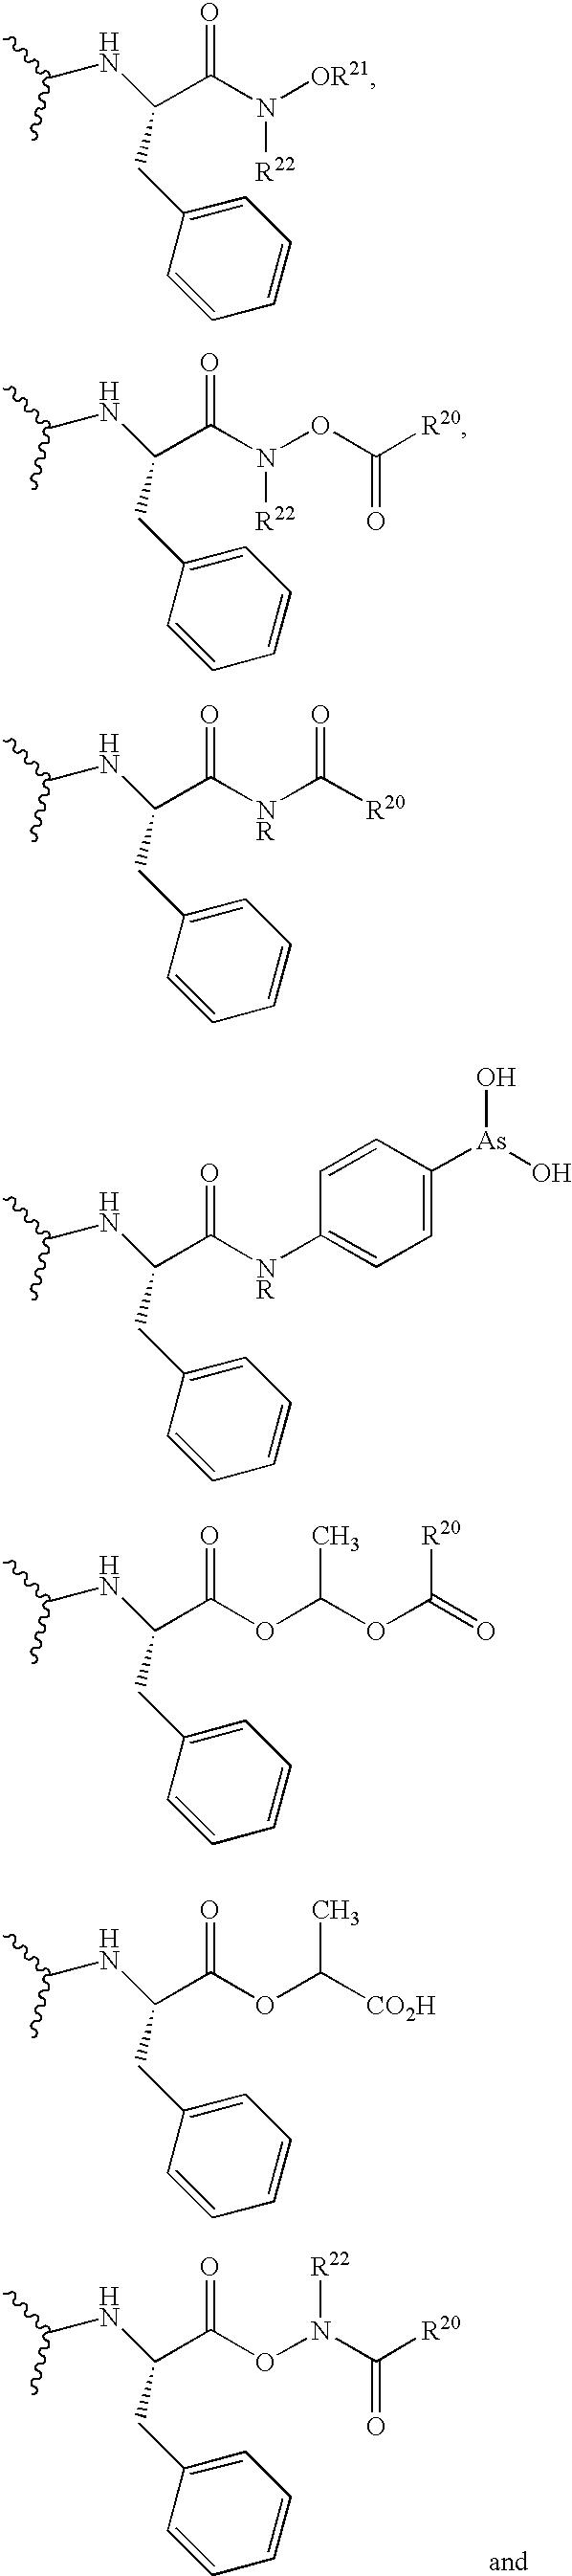 Figure US08871720-20141028-C00033